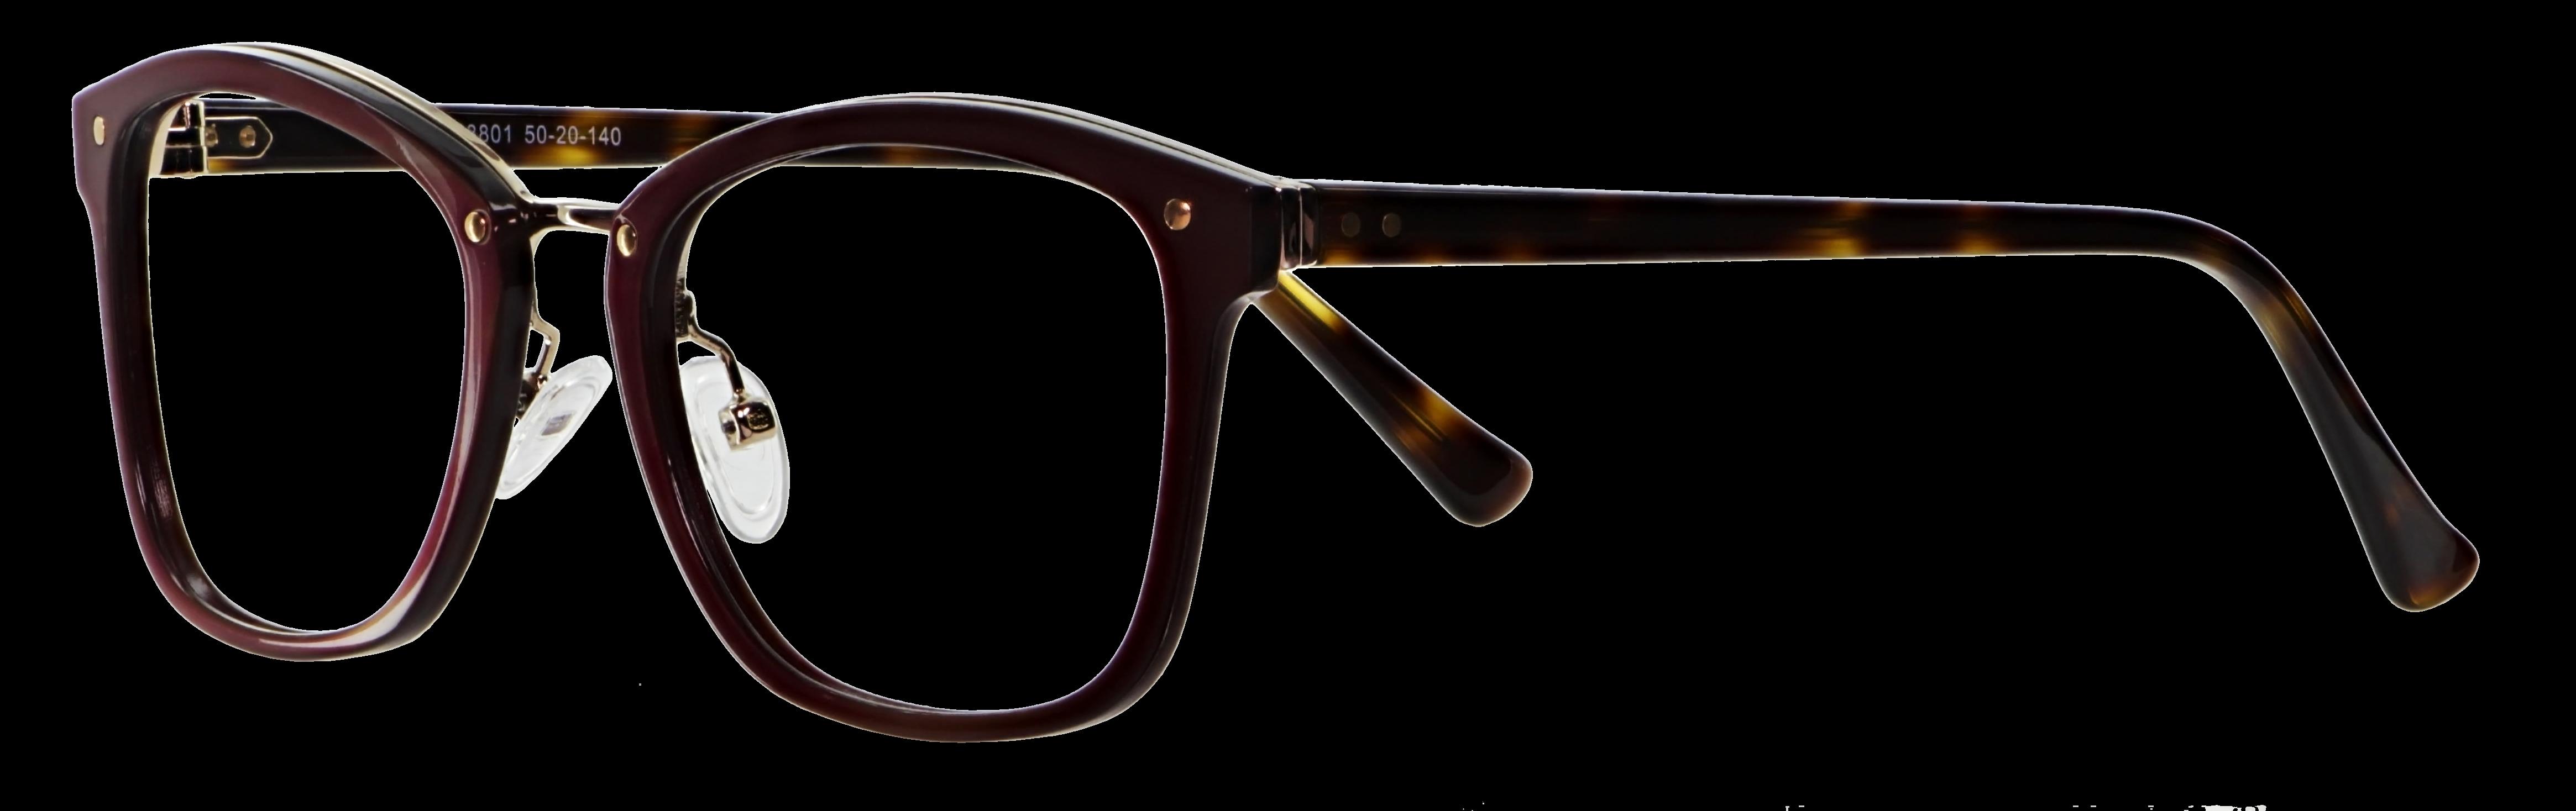 abele optik Brille 138801